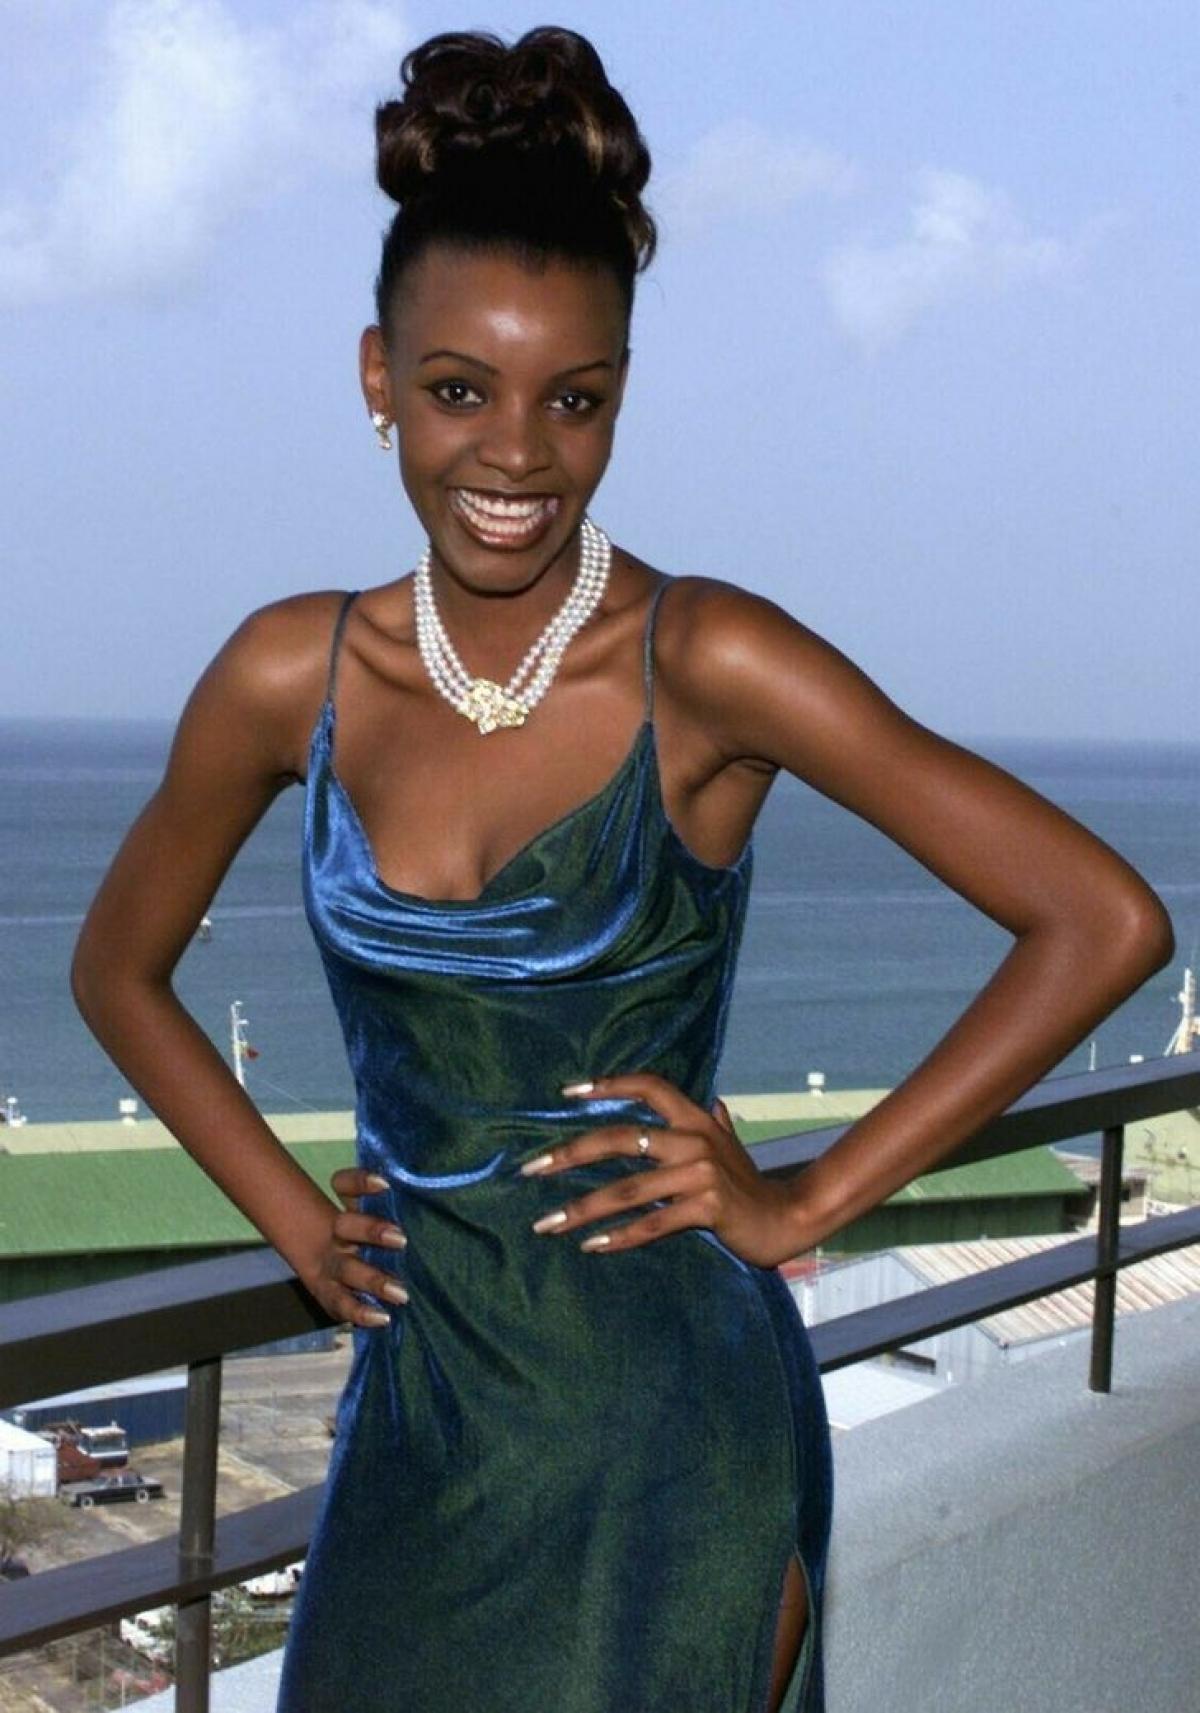 Mpule Kwelagobe là một hoa hậu của đất nước Botswana. Cô là Hoa hậu Hoàn vũ Botswana 1999 và đồng thời cũng là Hoa hậu Hoàn vũ 1999. Năm 1999, Mpule chiến thắng trong cuộc thi Hoa hậu Hoàn vũ Botswana lần đầu tiên được tổ chức.